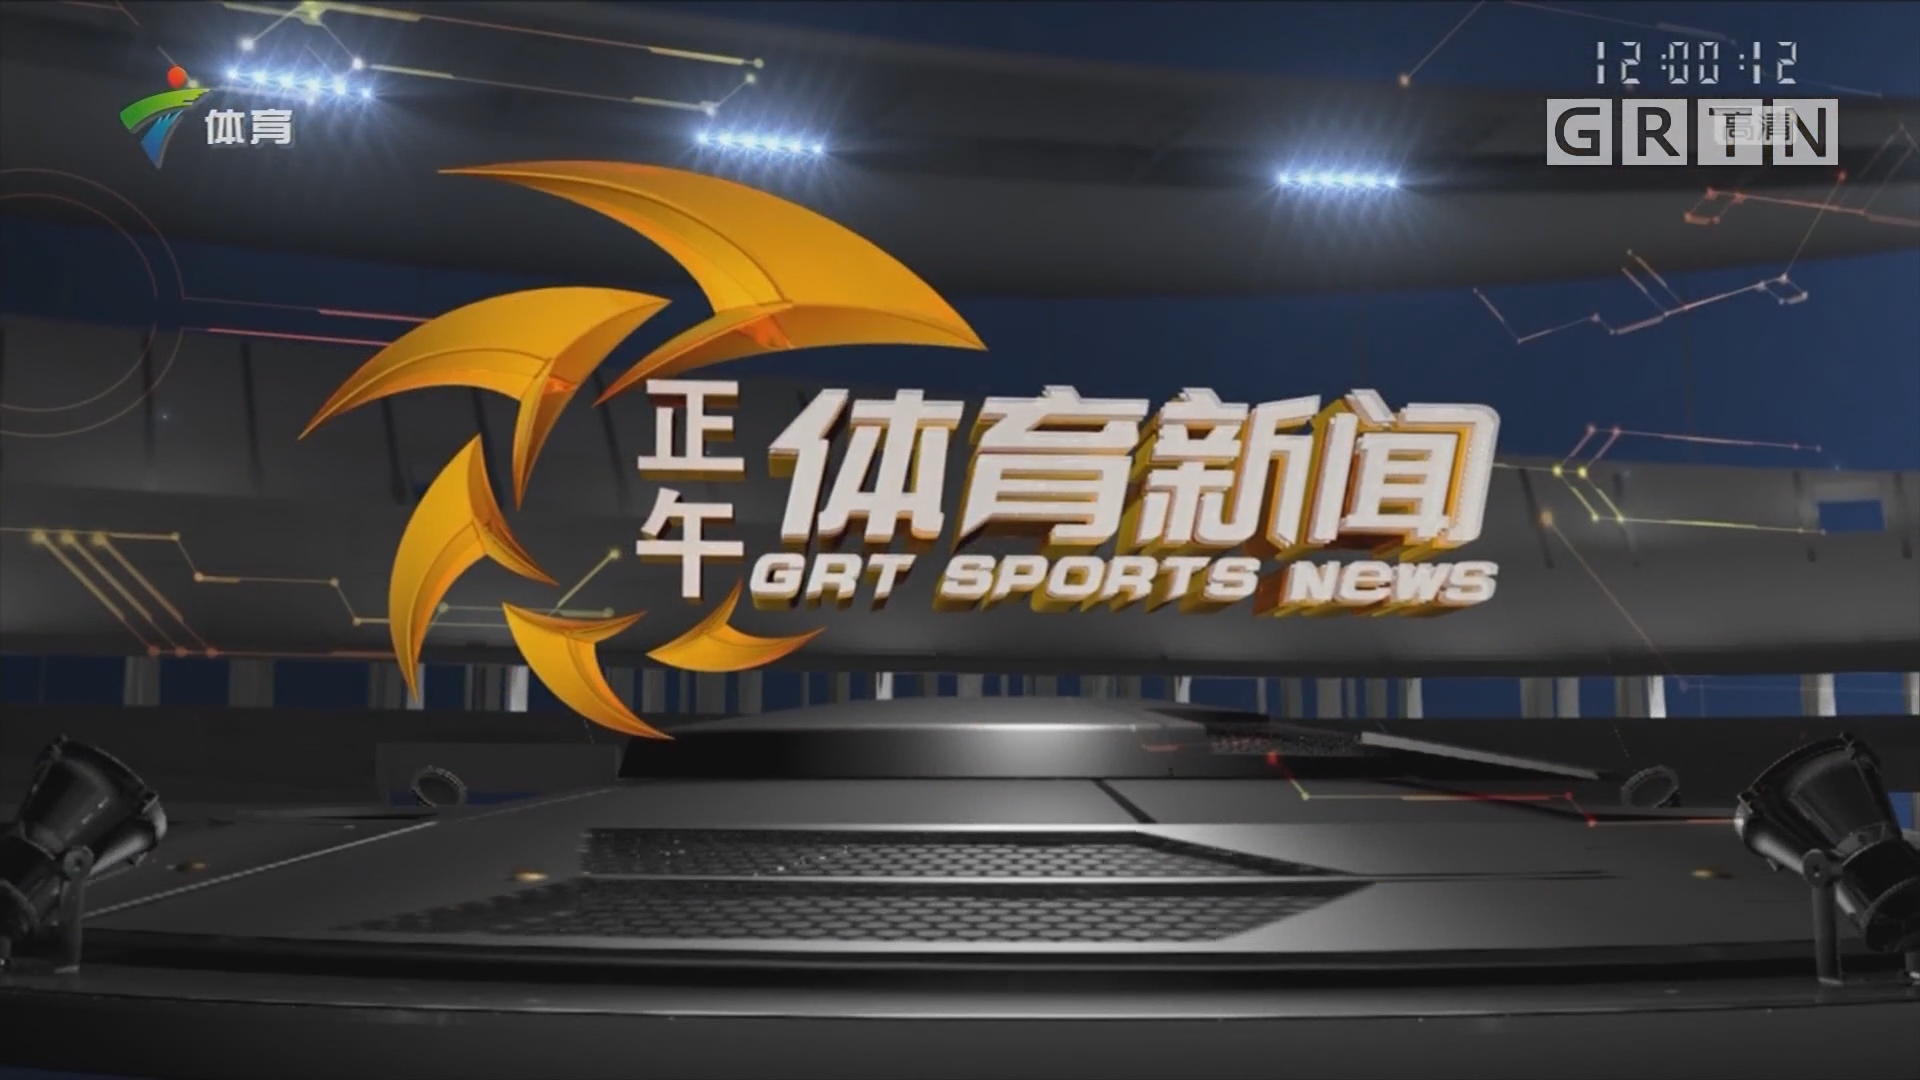 [HD][2019-05-05]正午体育新闻:塔利斯卡缺阵 广州恒大主场不敌国安